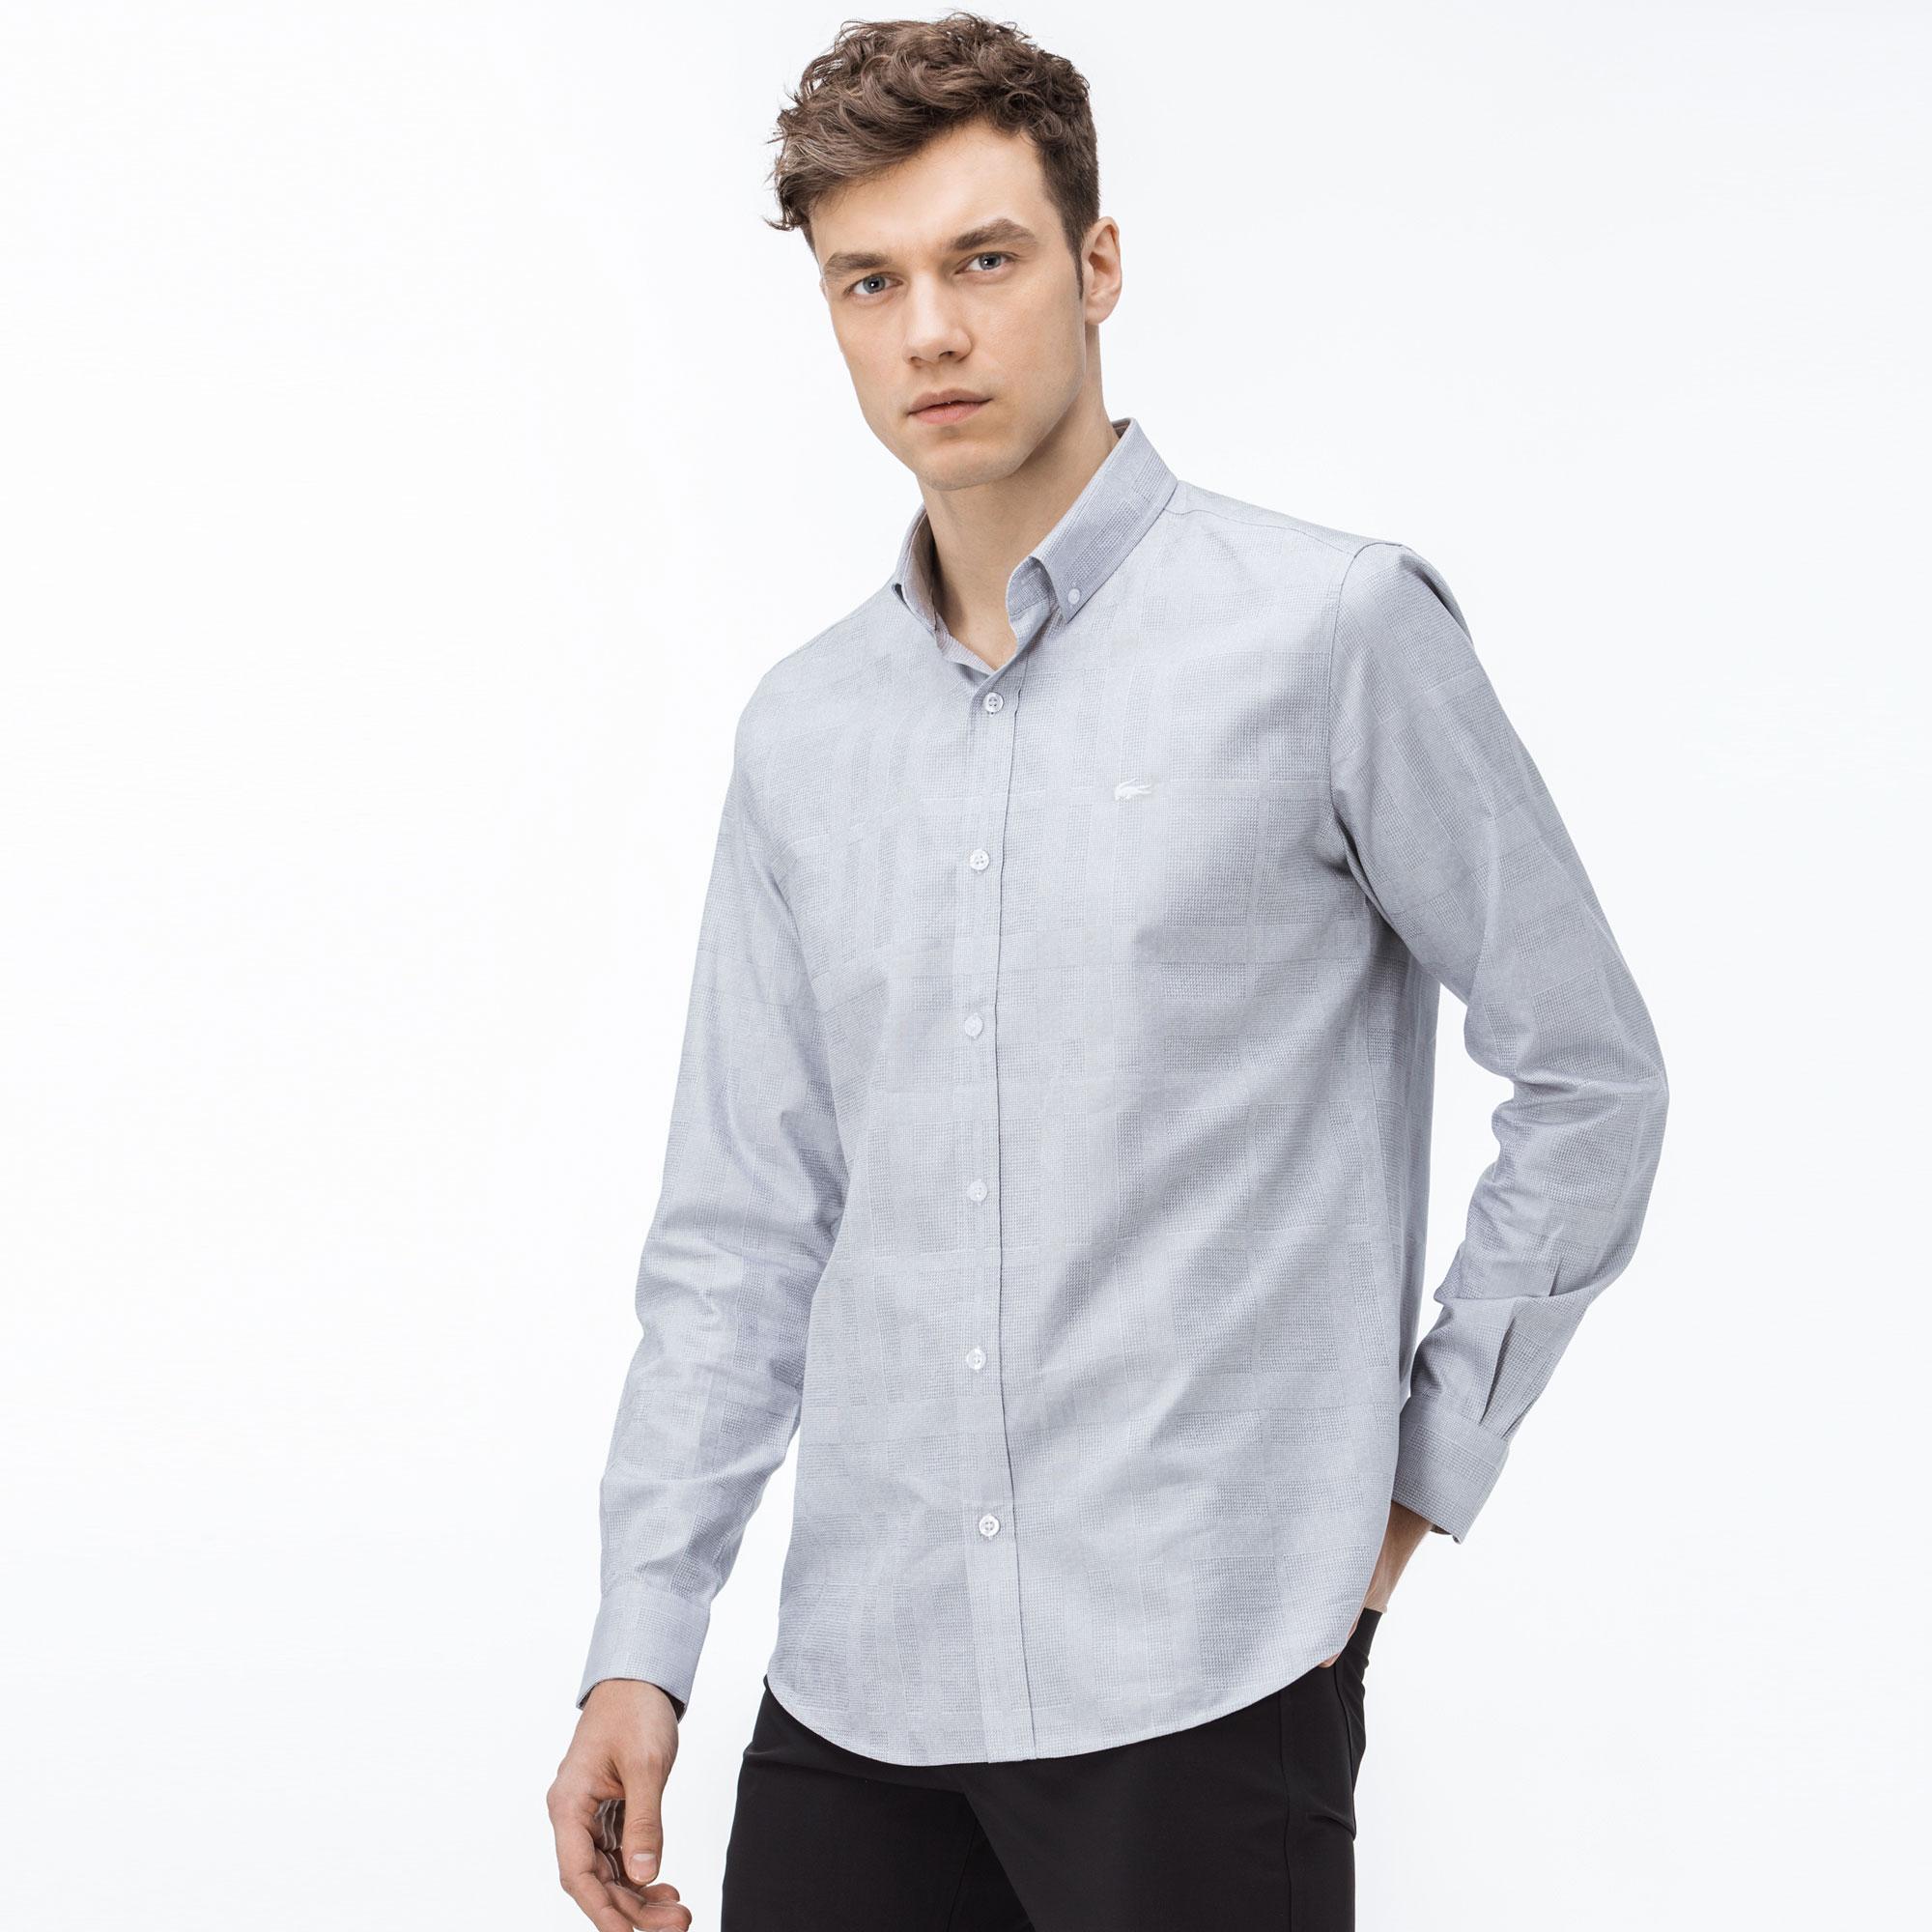 Lacoste Erkek Slim Fit Ekose Açık Mavi Gömlek